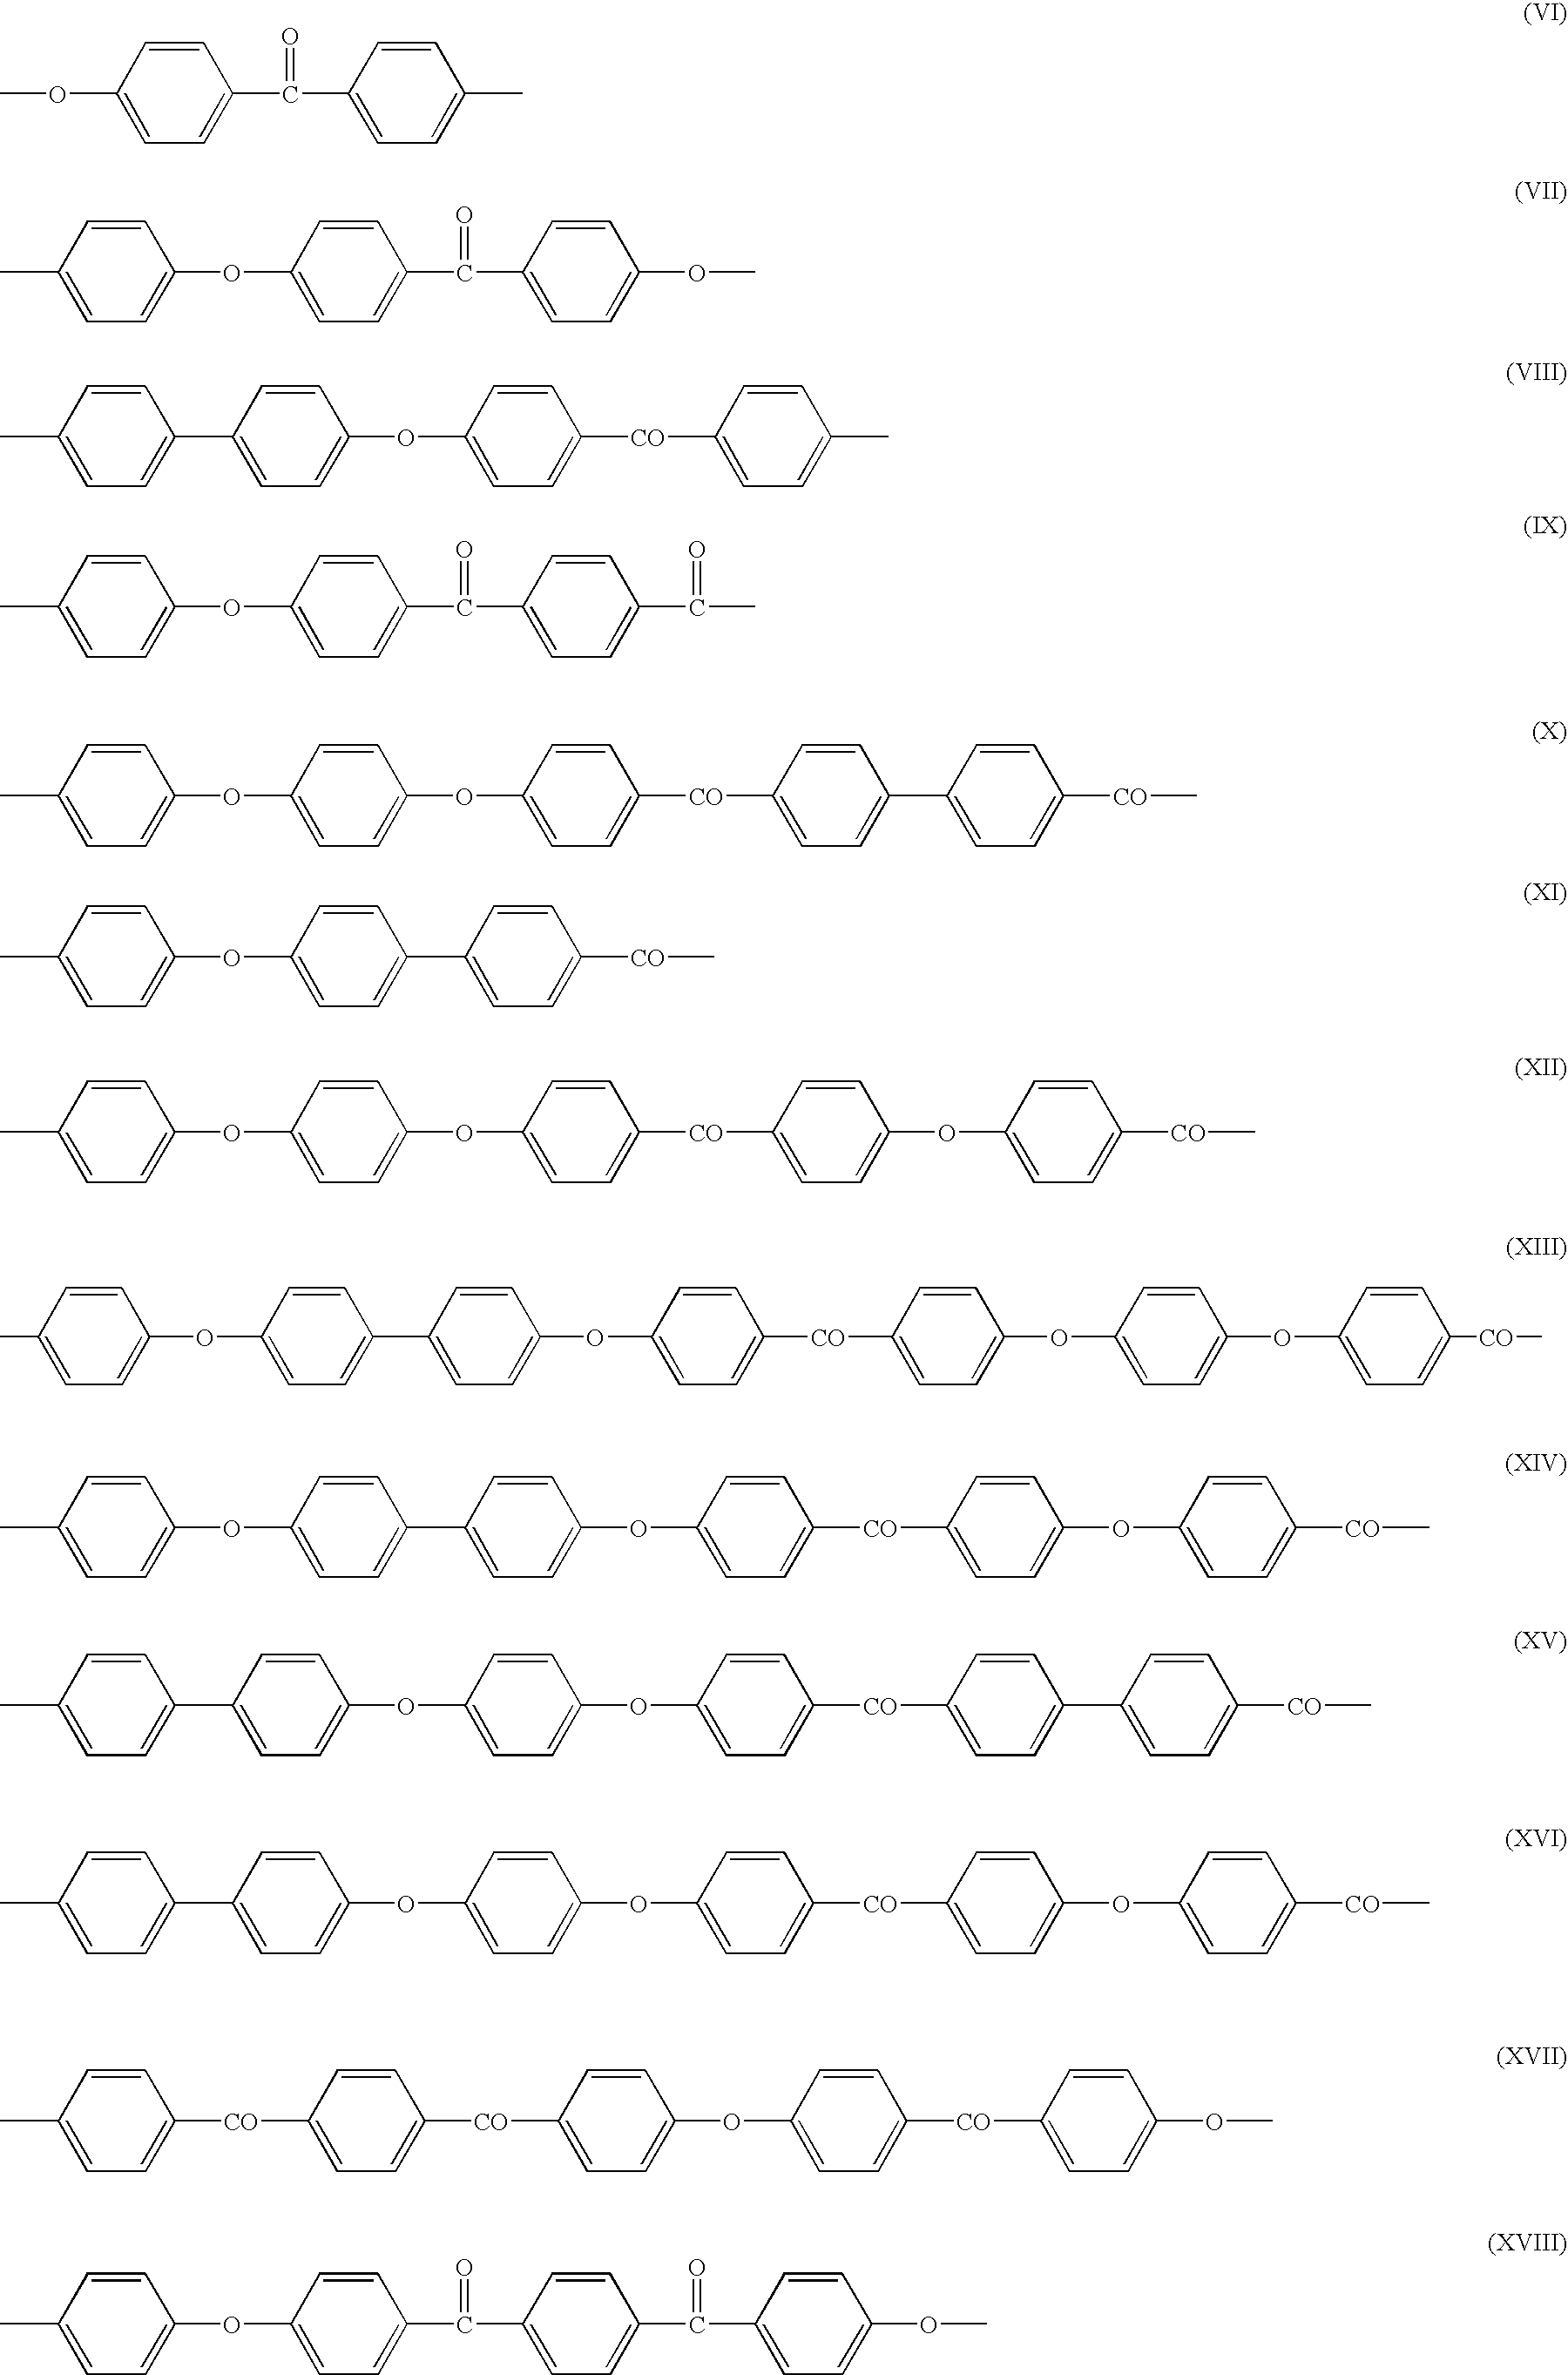 Figure US20100273957A1-20101028-C00017